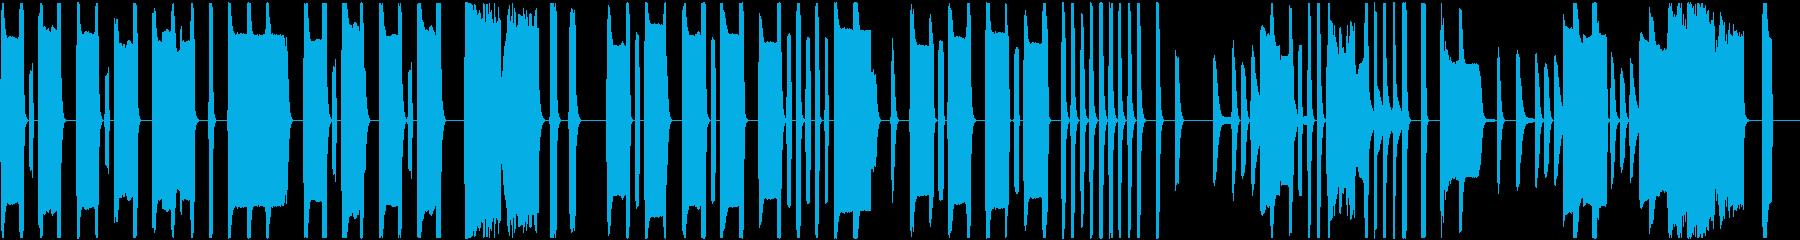 コミカルでまぬけなリコーダーの曲の再生済みの波形